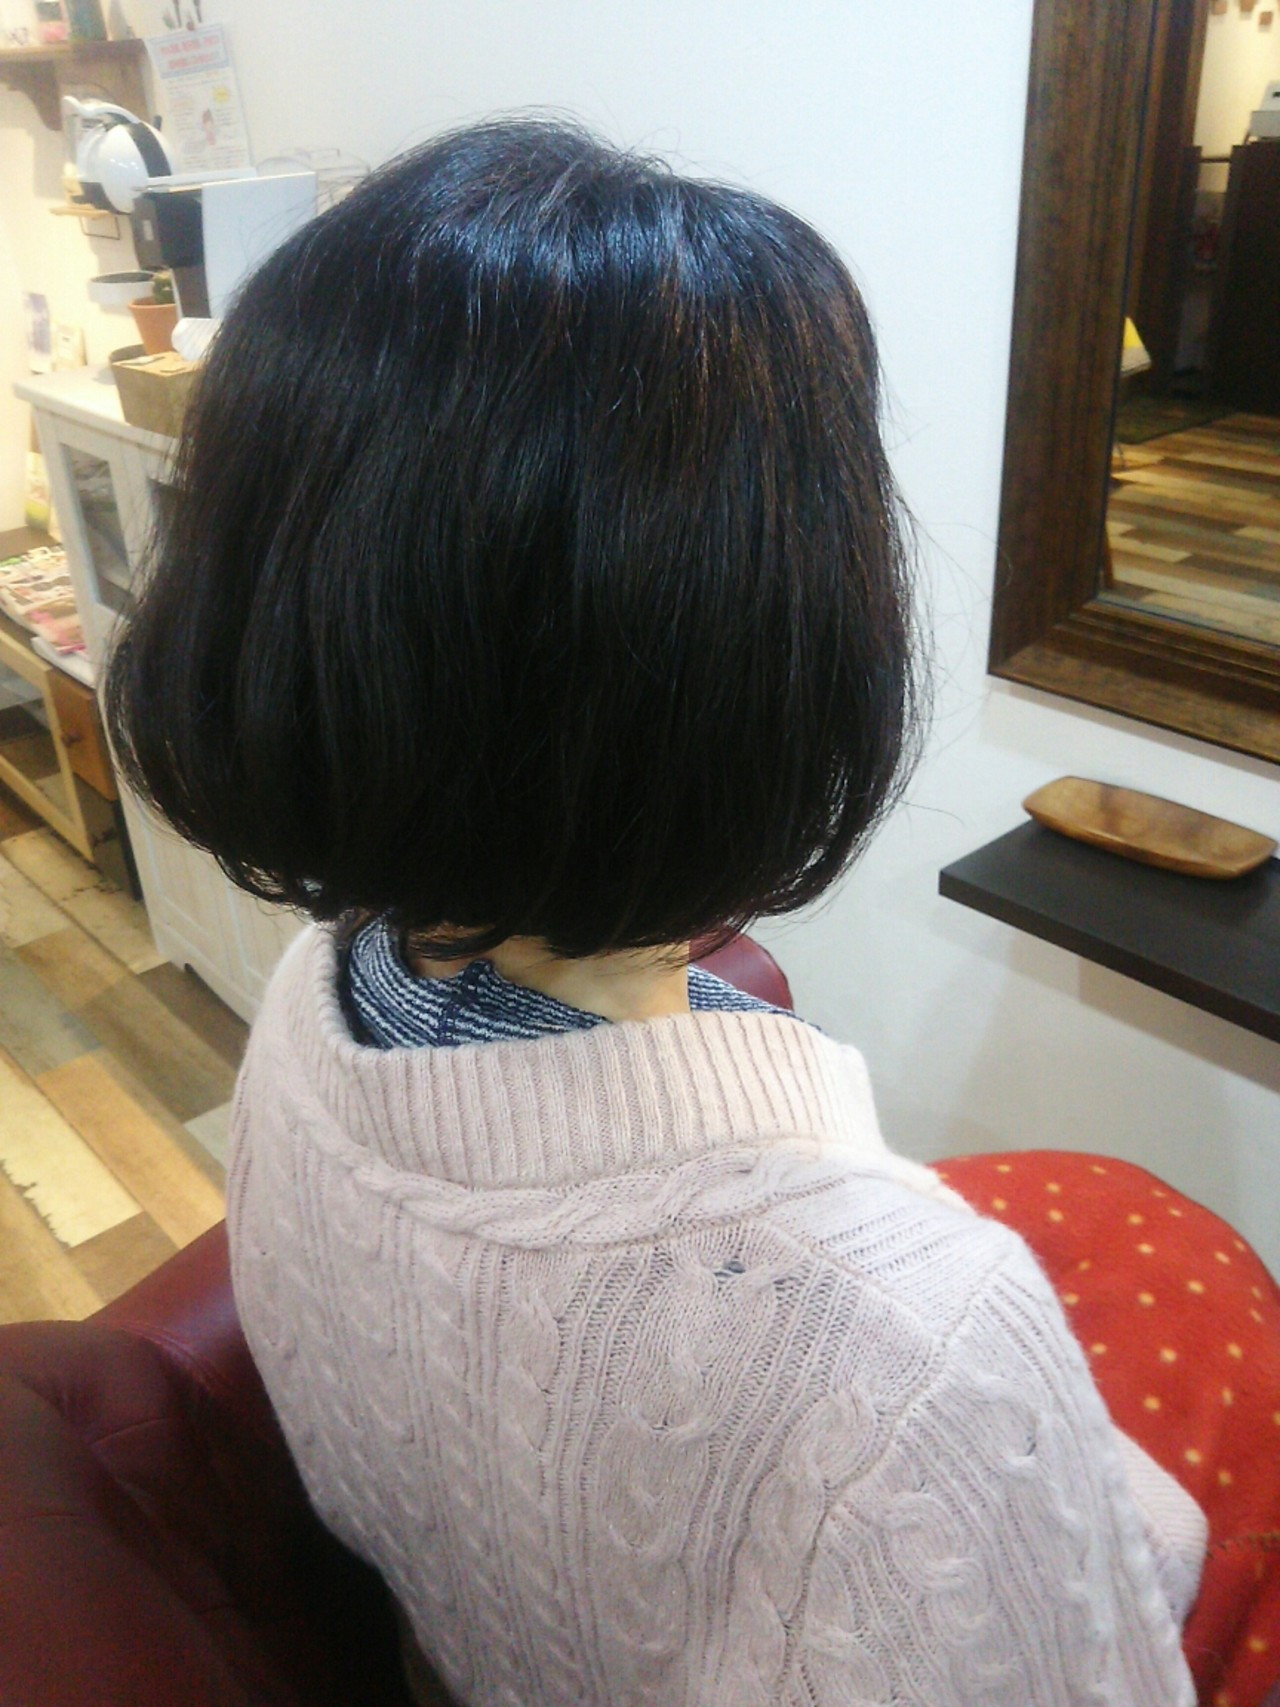 ナチュラル ショート ボブ くせ毛風 ヘアスタイルや髪型の写真・画像